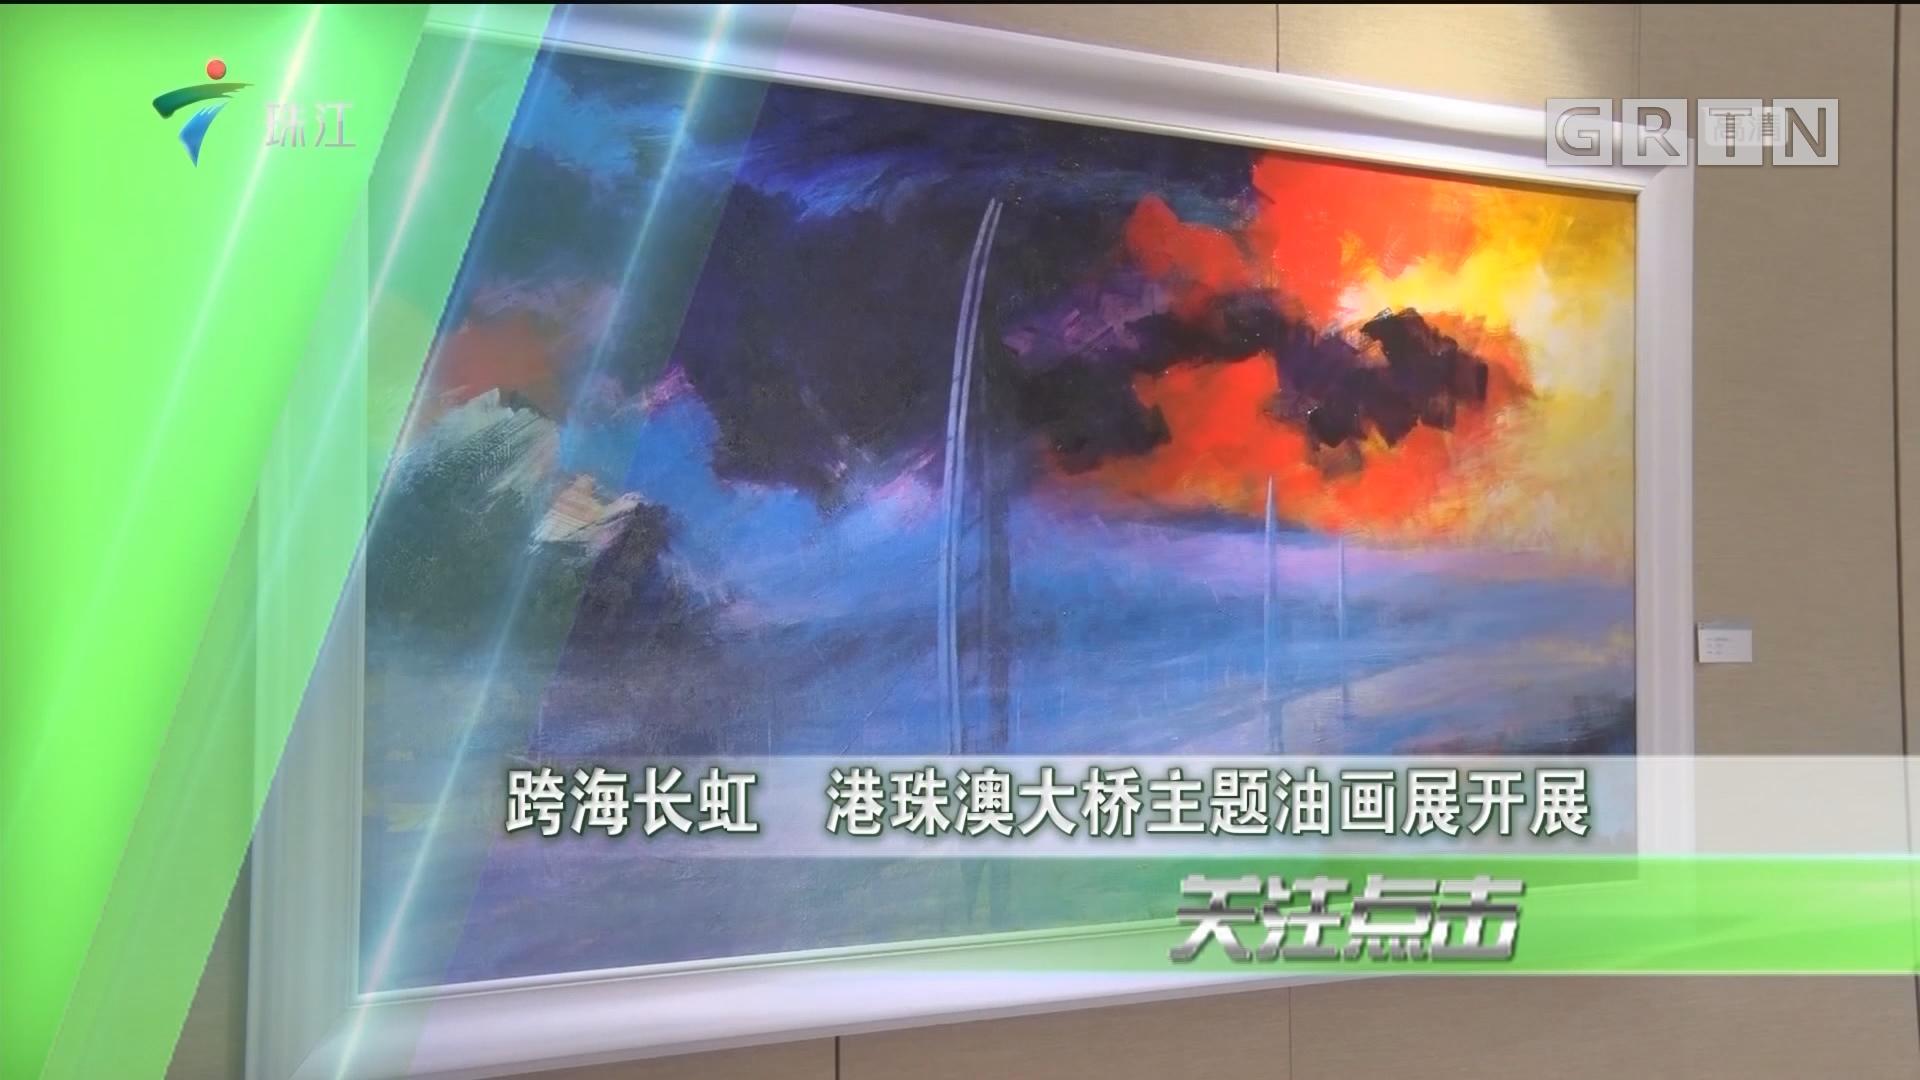 跨海长虹 港珠澳大桥主题油画展开展